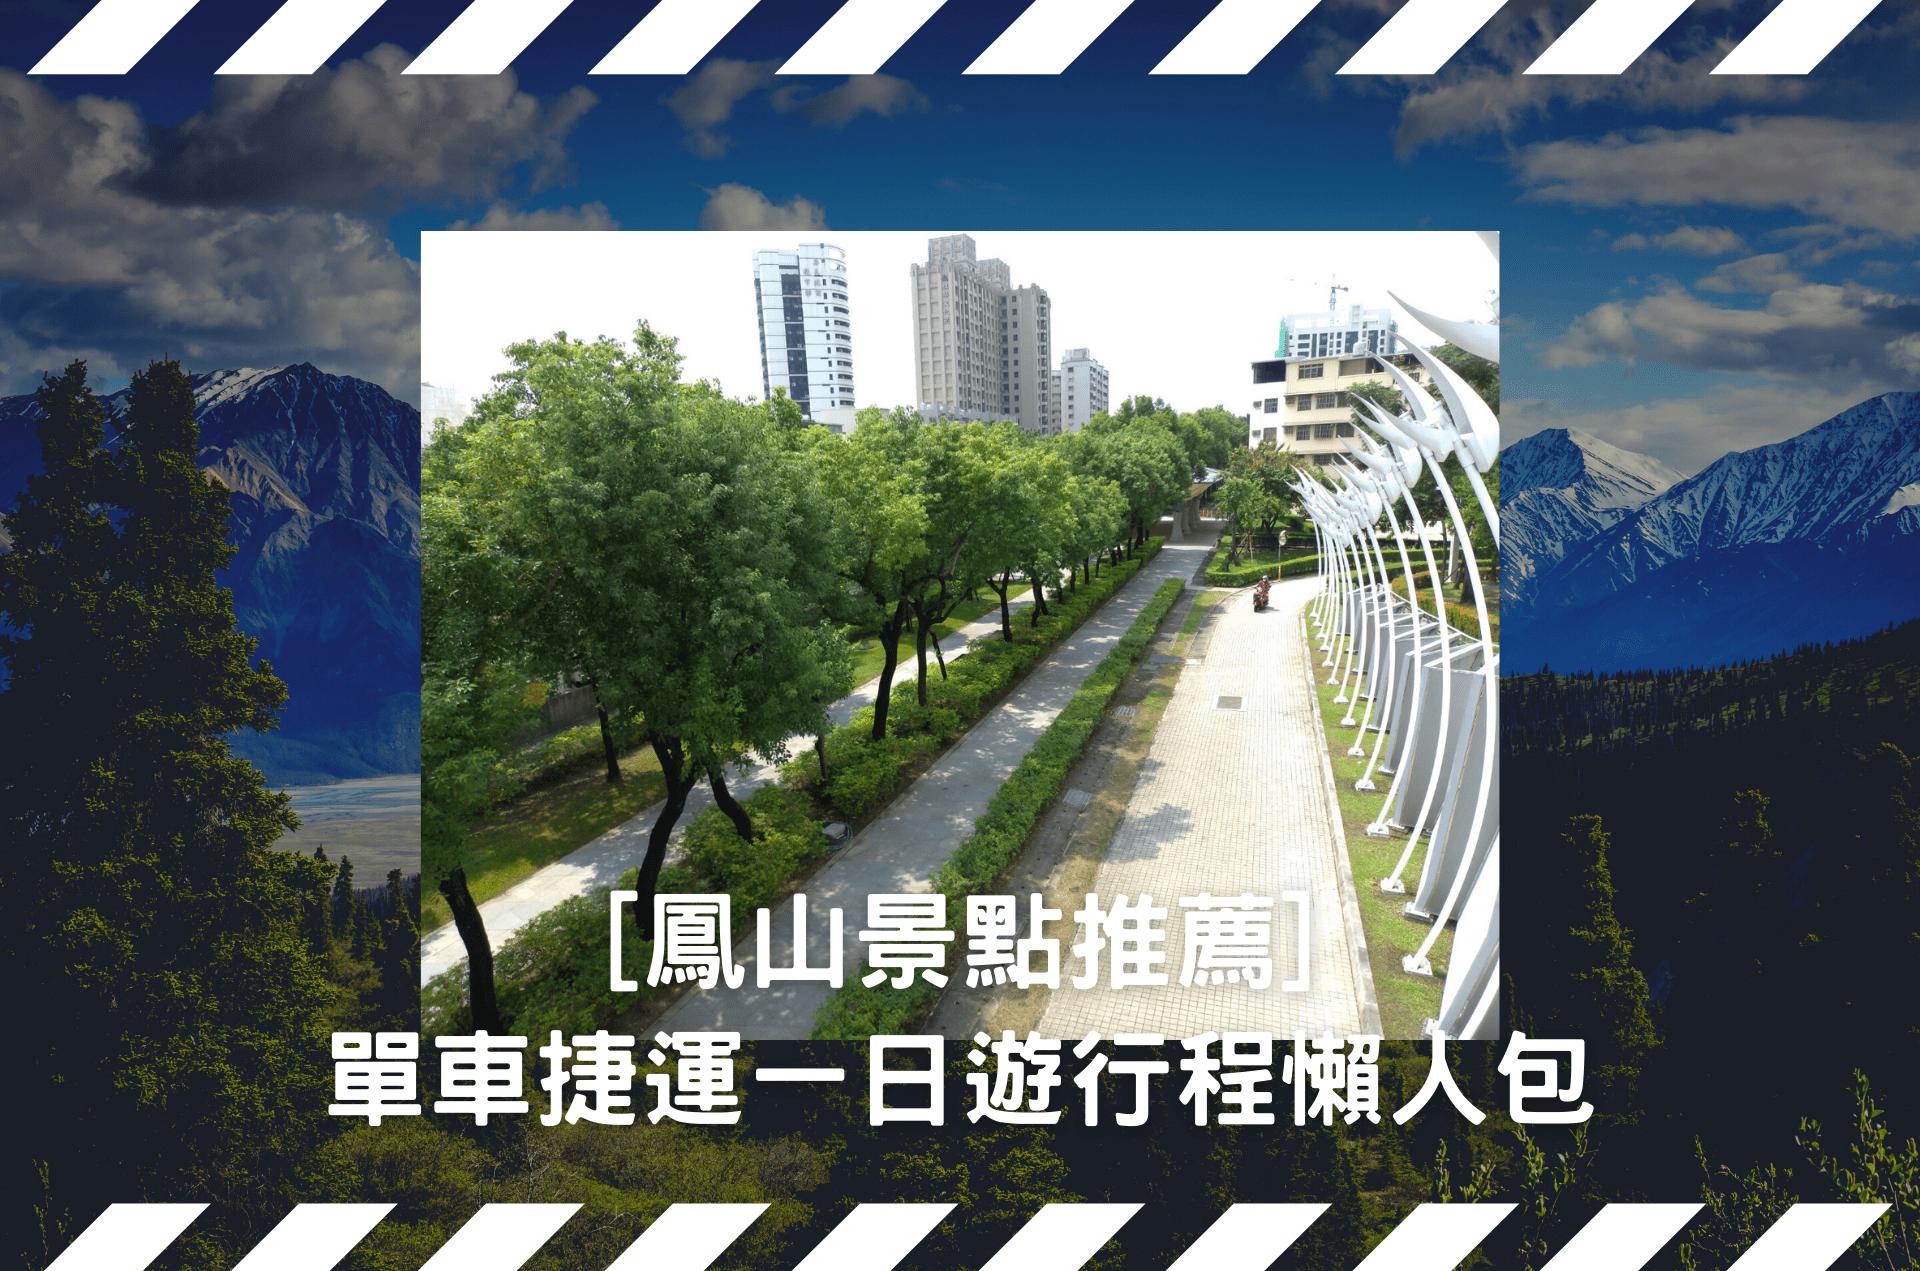 [鳳山景點推薦]單車捷運一日遊行程懶人包